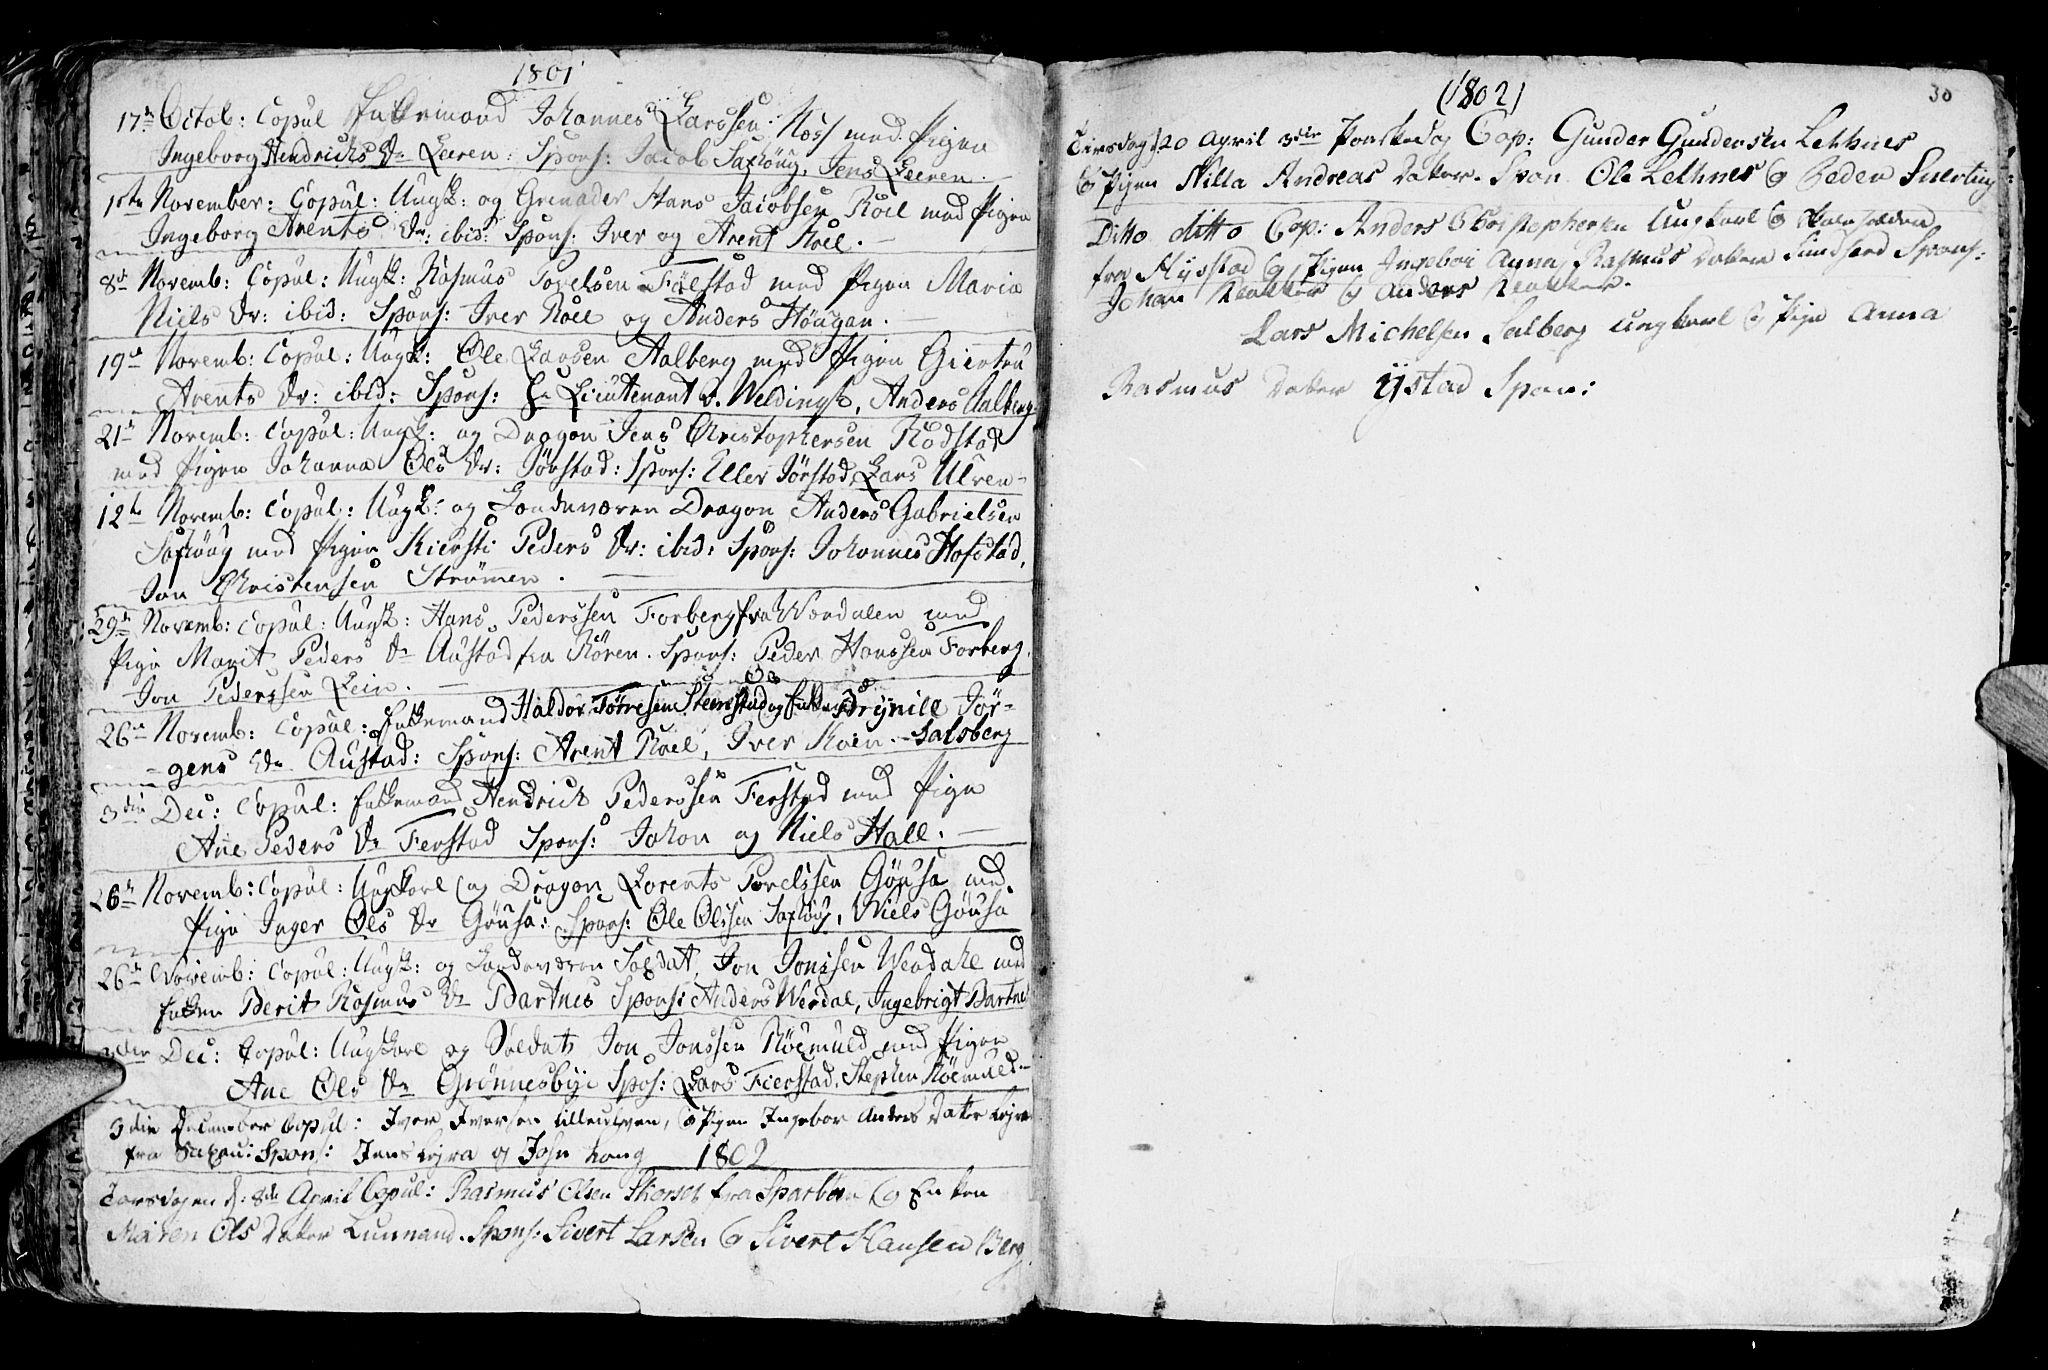 SAT, Ministerialprotokoller, klokkerbøker og fødselsregistre - Nord-Trøndelag, 730/L0273: Ministerialbok nr. 730A02, 1762-1802, s. 30